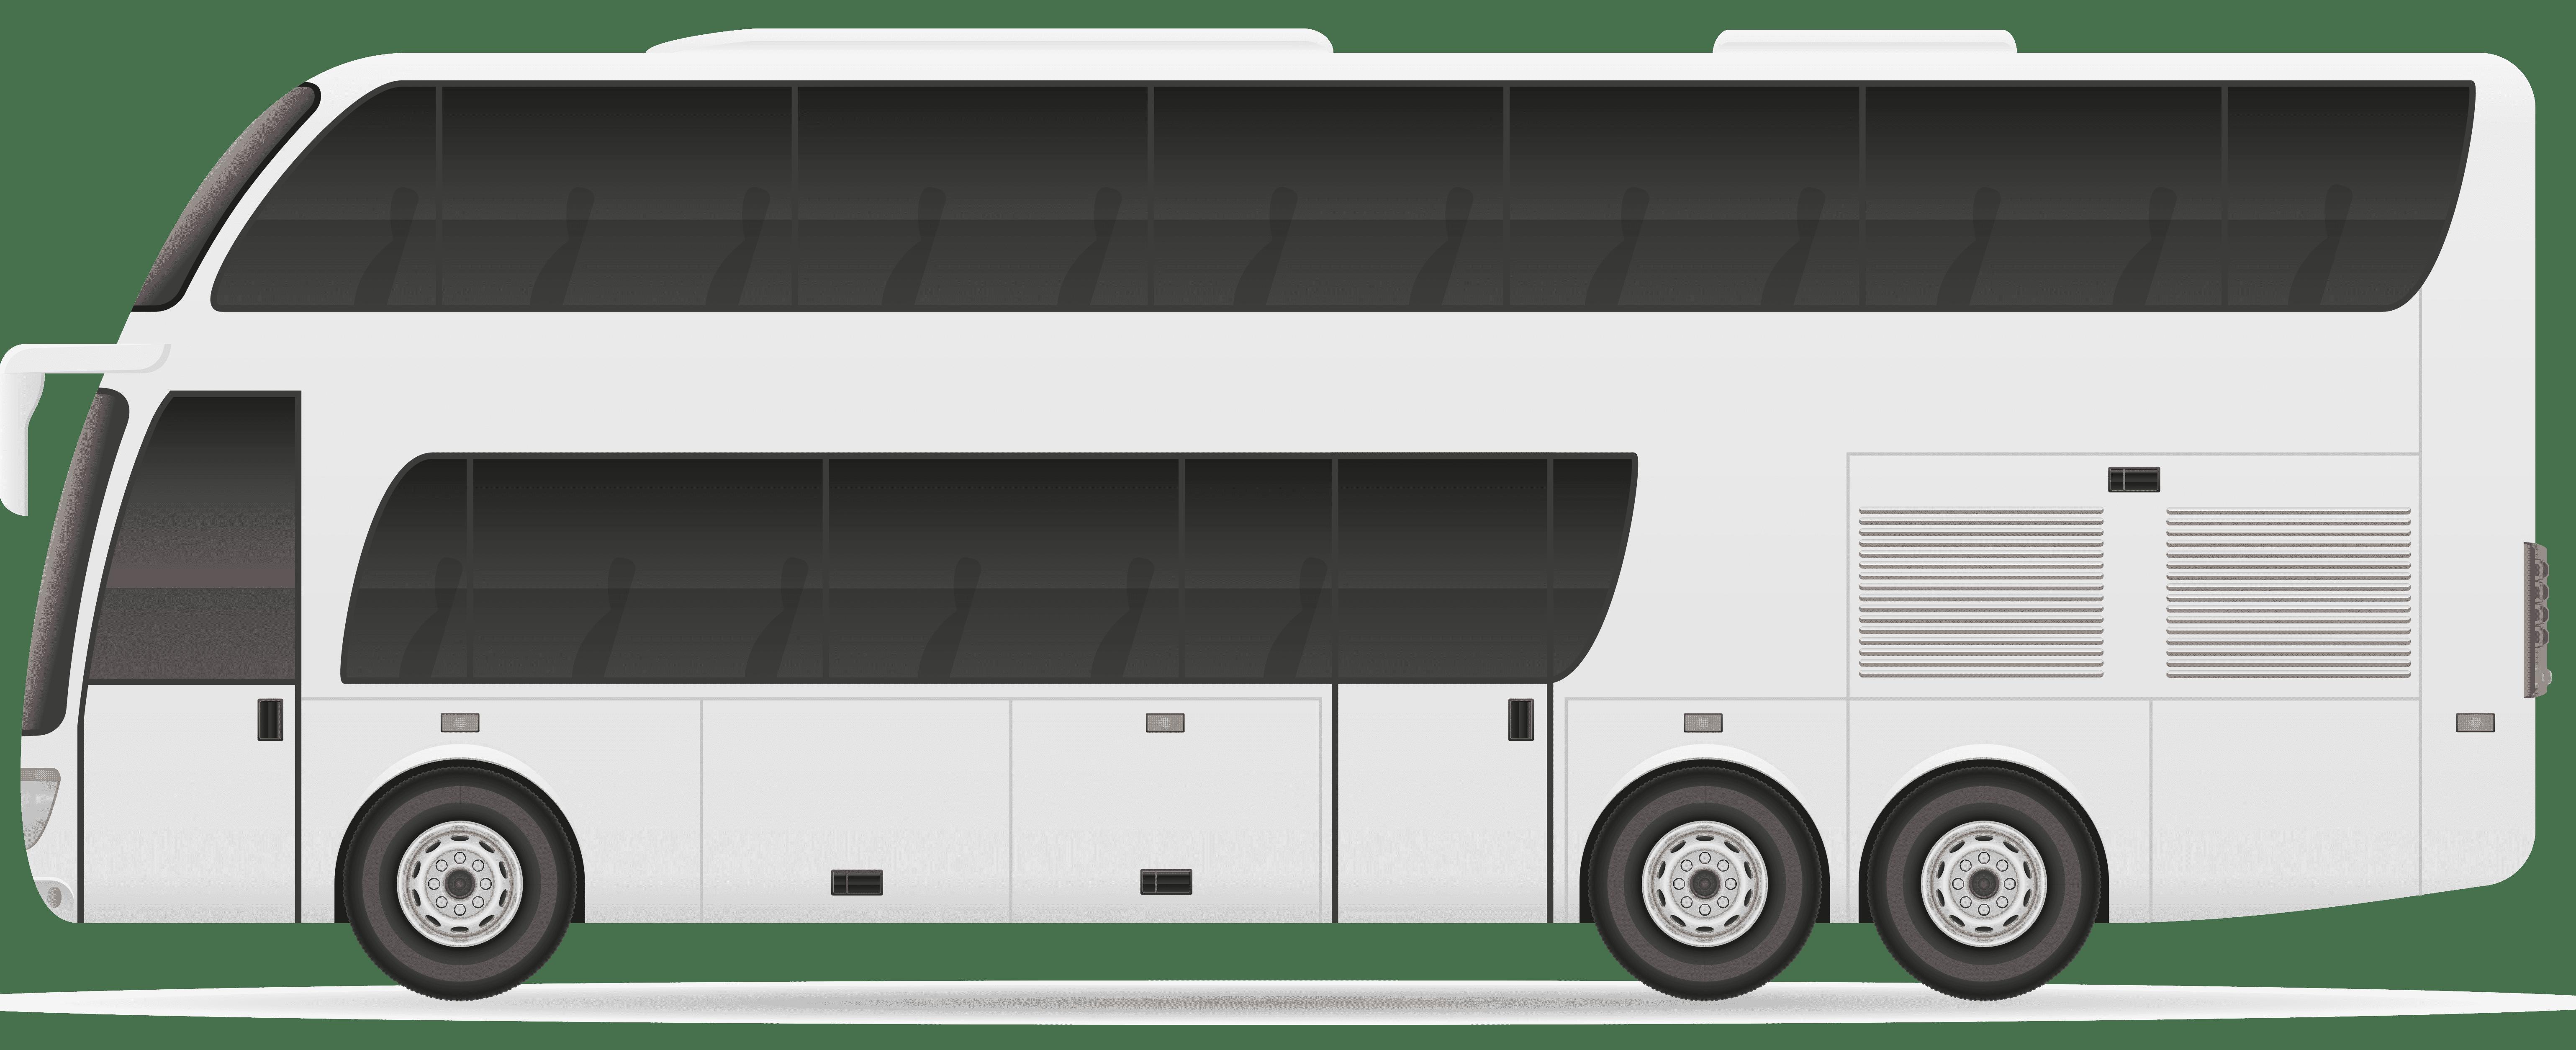 Dubbeldekker bus huren Goes - ikwileengoedkopebushuren.nl